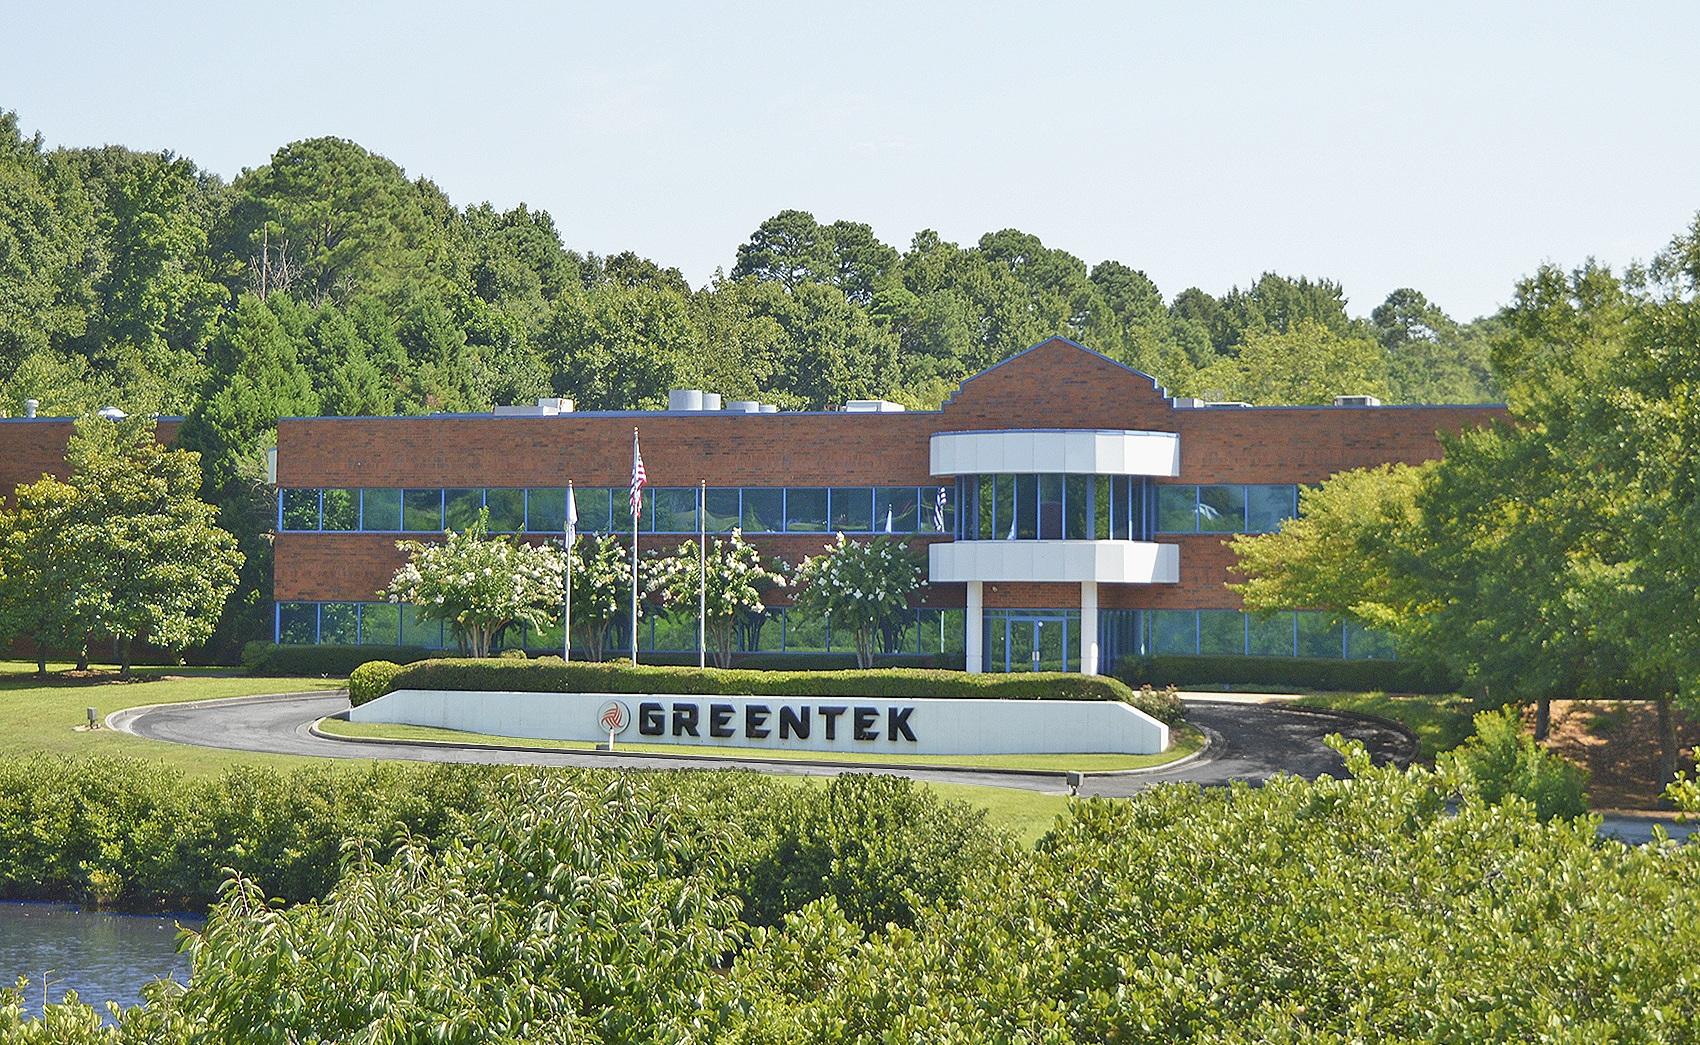 greentek energy systems